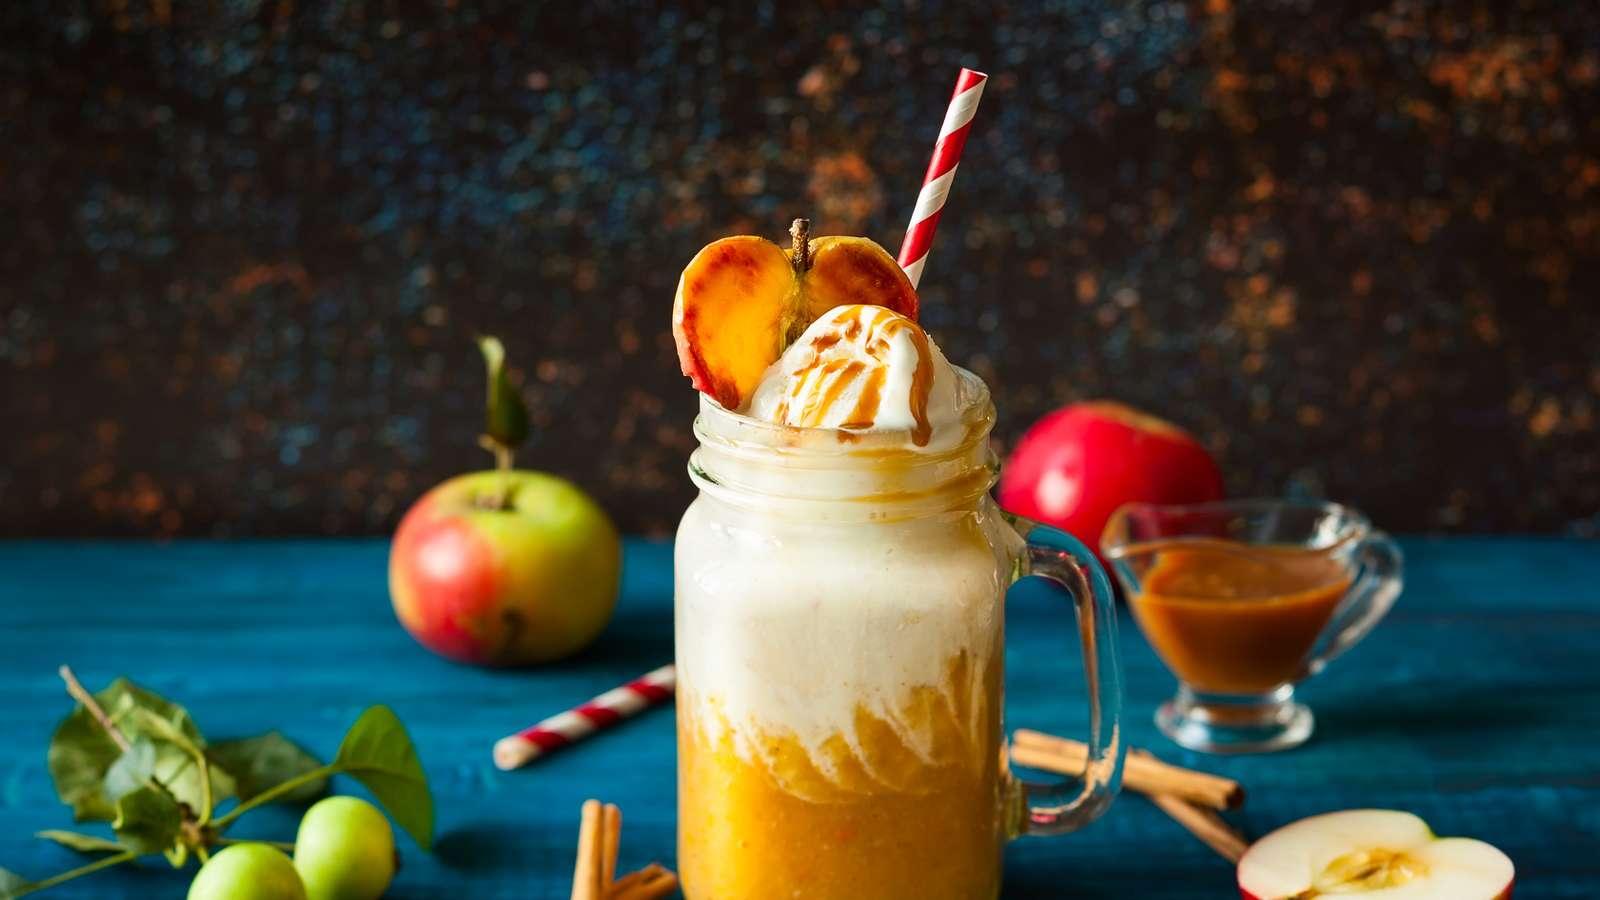 Rezepte für gesunde Winter-Smoothies | evidero